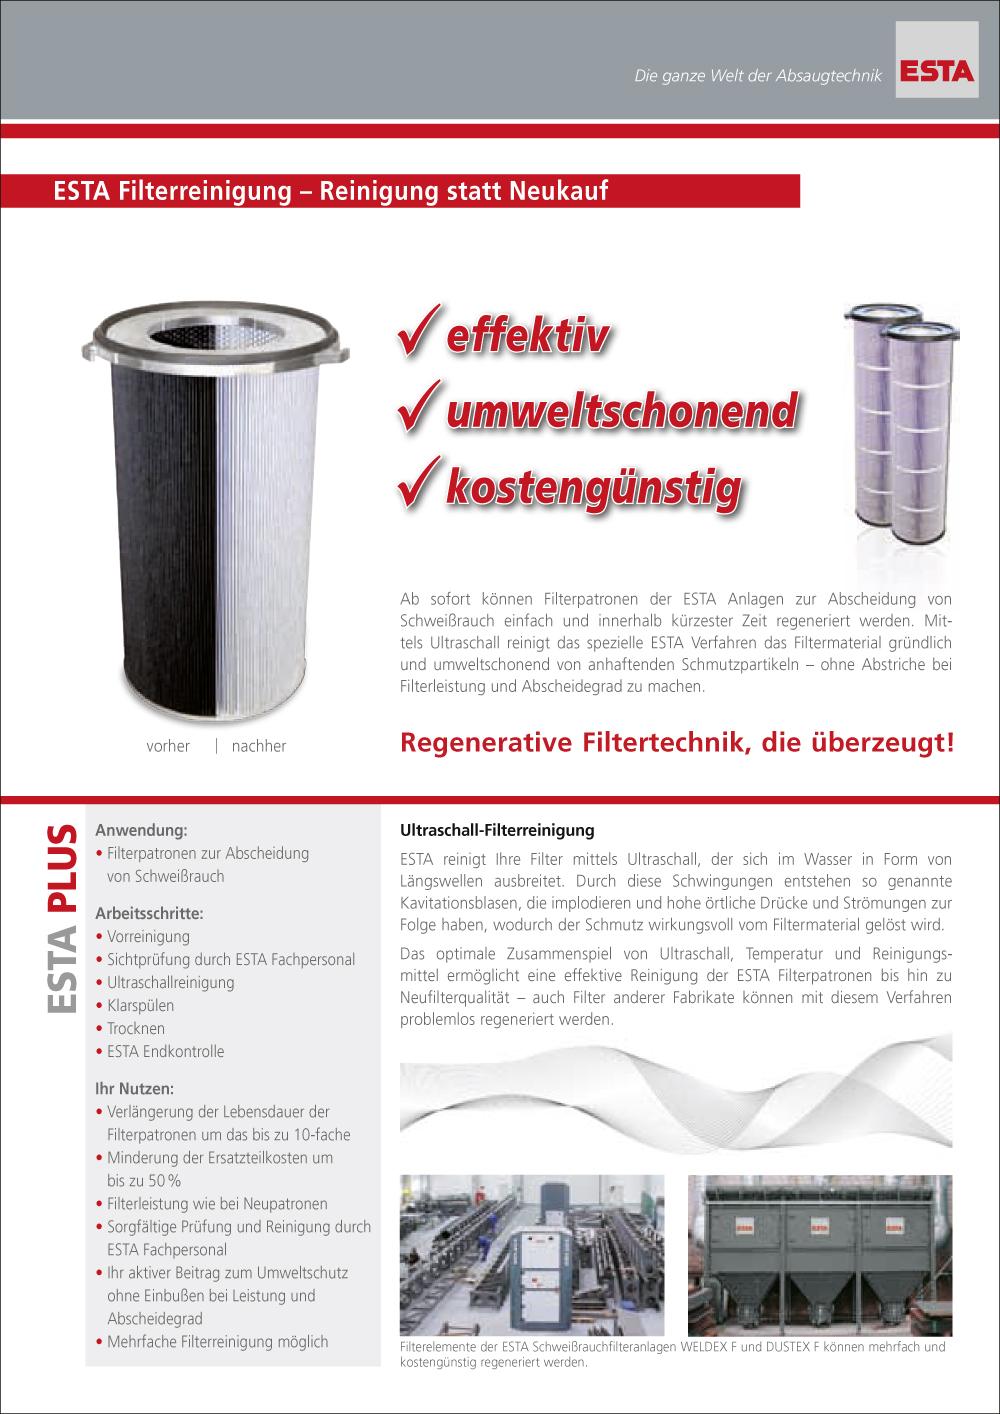 Das Filterreinigungs Prospekt